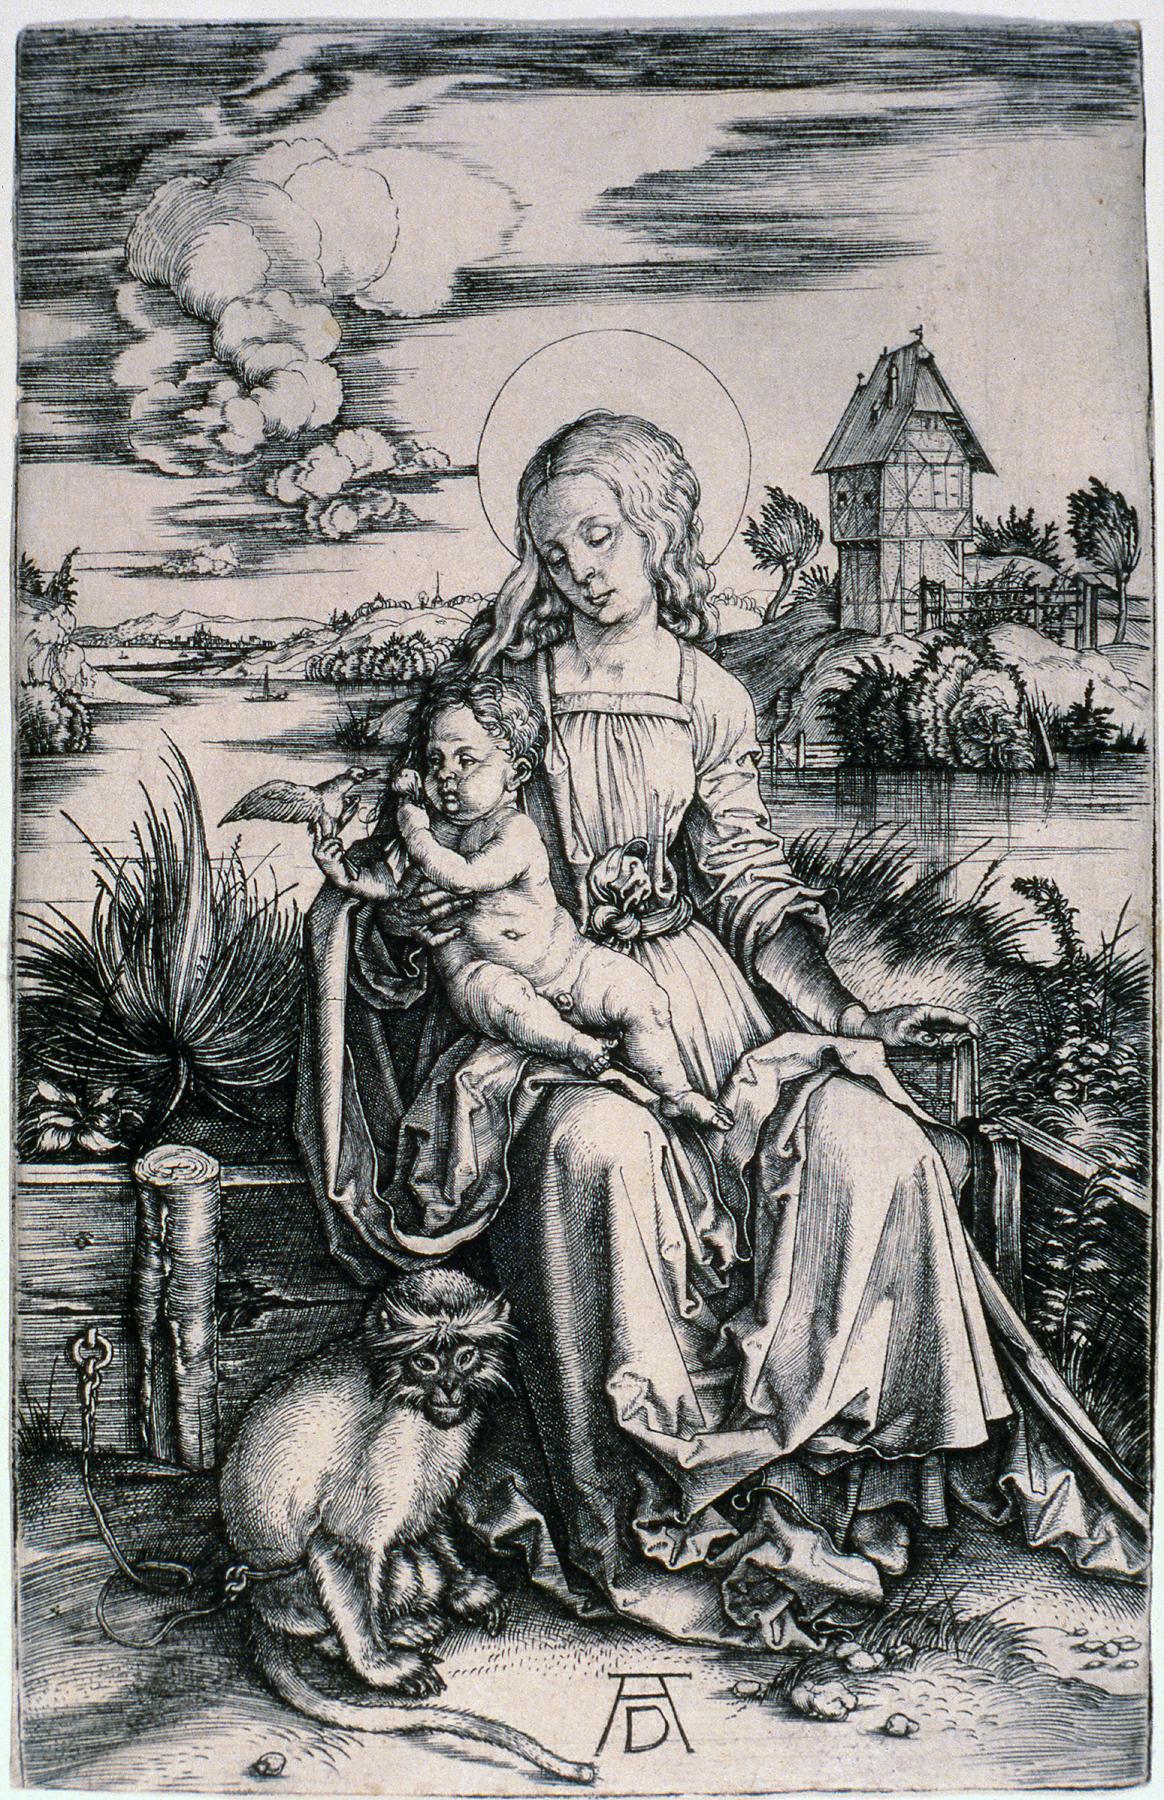 Albrecht Dürer (German, 1471–1528), Madonna with the Monkey, ca. 1498. Engraving. Milwaukee Art Museum, Gertrude Nunnemacher Schuchardt Collection, presented by William H. Schuchardt M1924.169. Photo credit: P. Richard Eells.